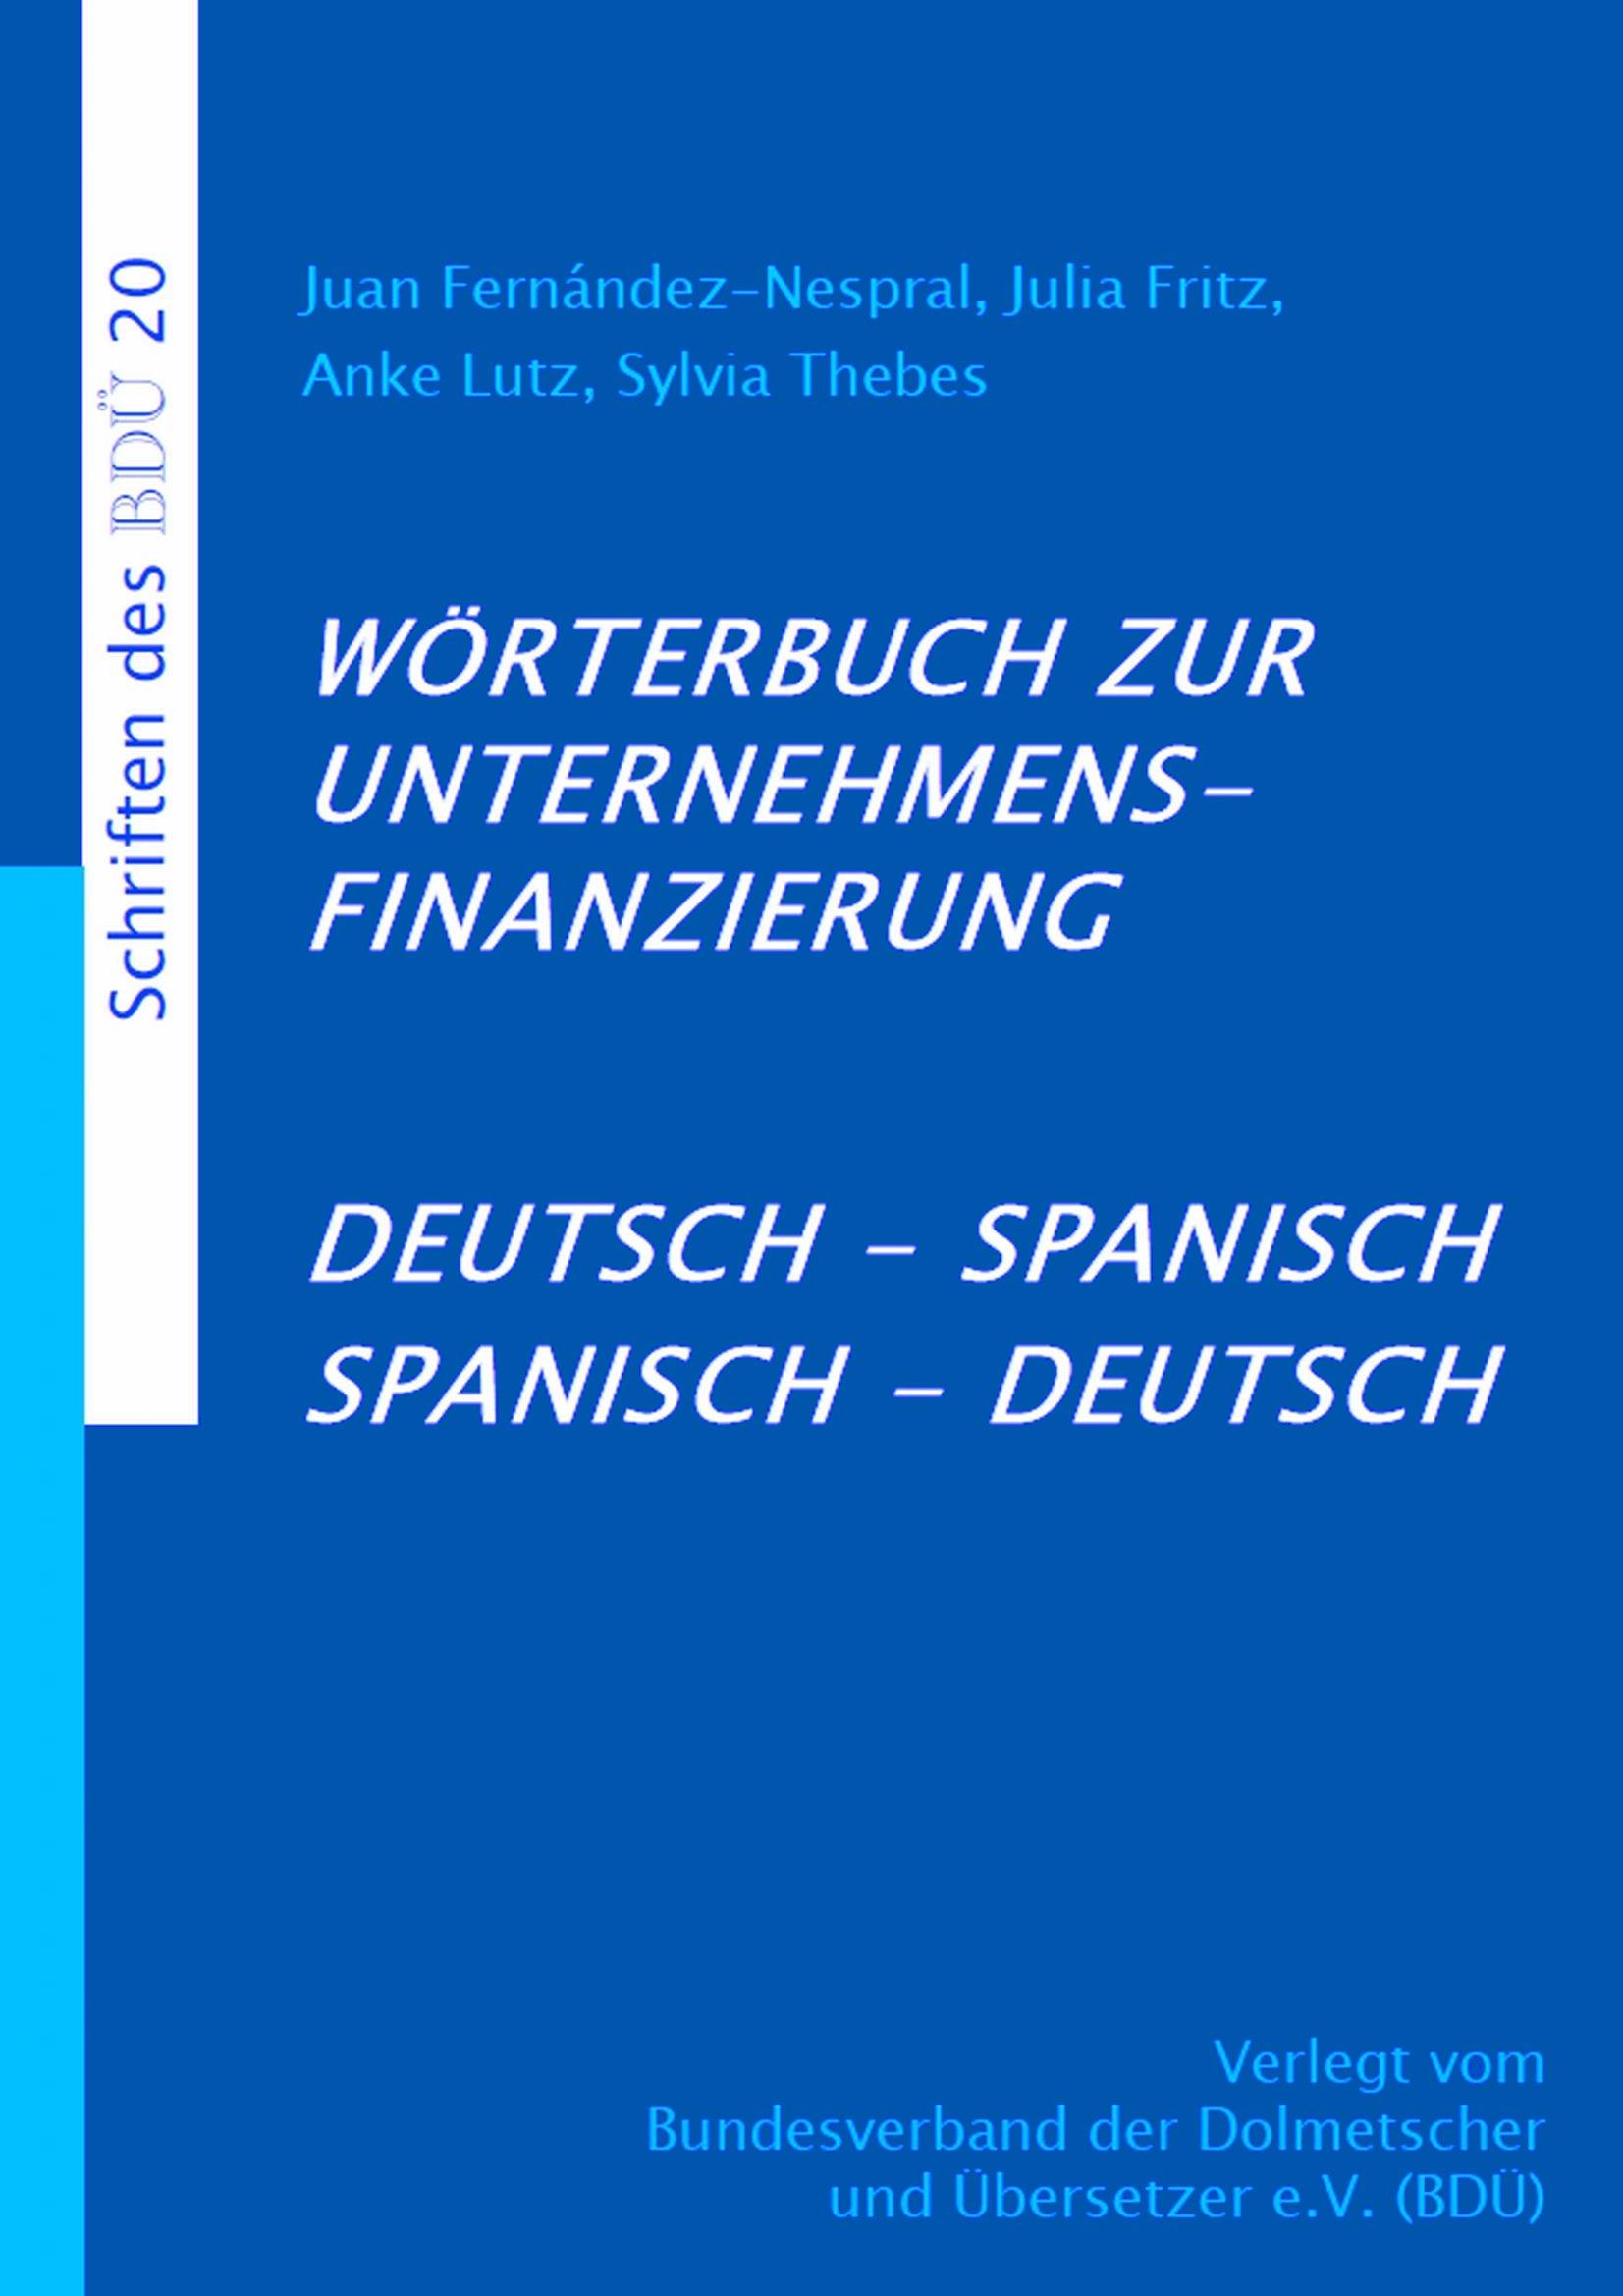 Wörterbuch zur Unternehmensfinanzierung